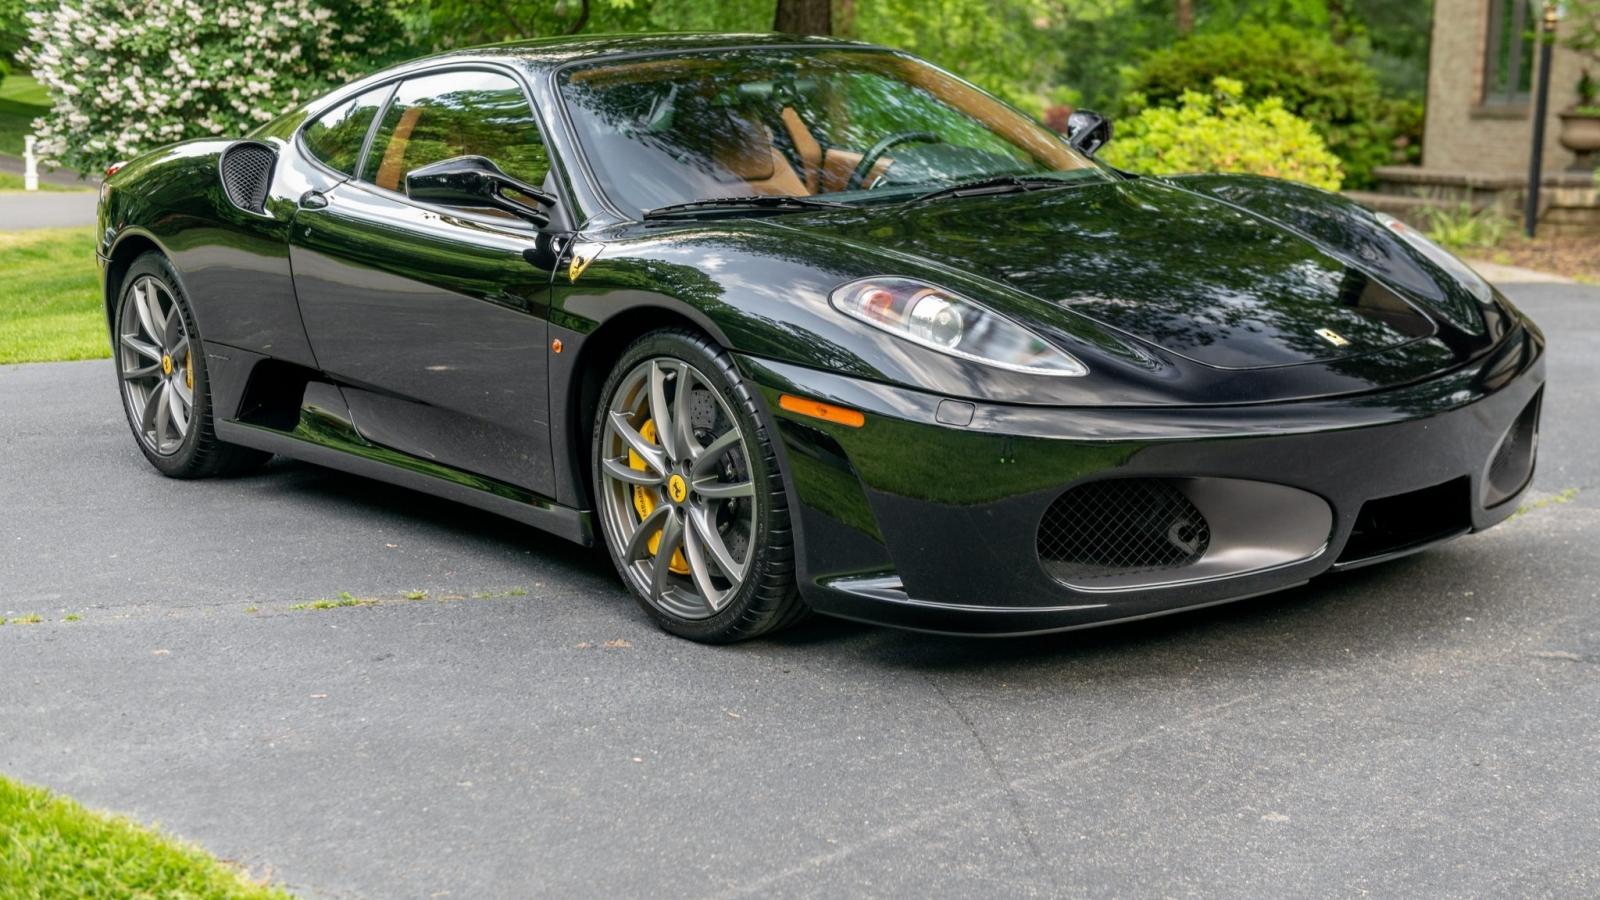 Ferrari F430 tuyệt đẹp 16 năm sau khi xuất xưởng